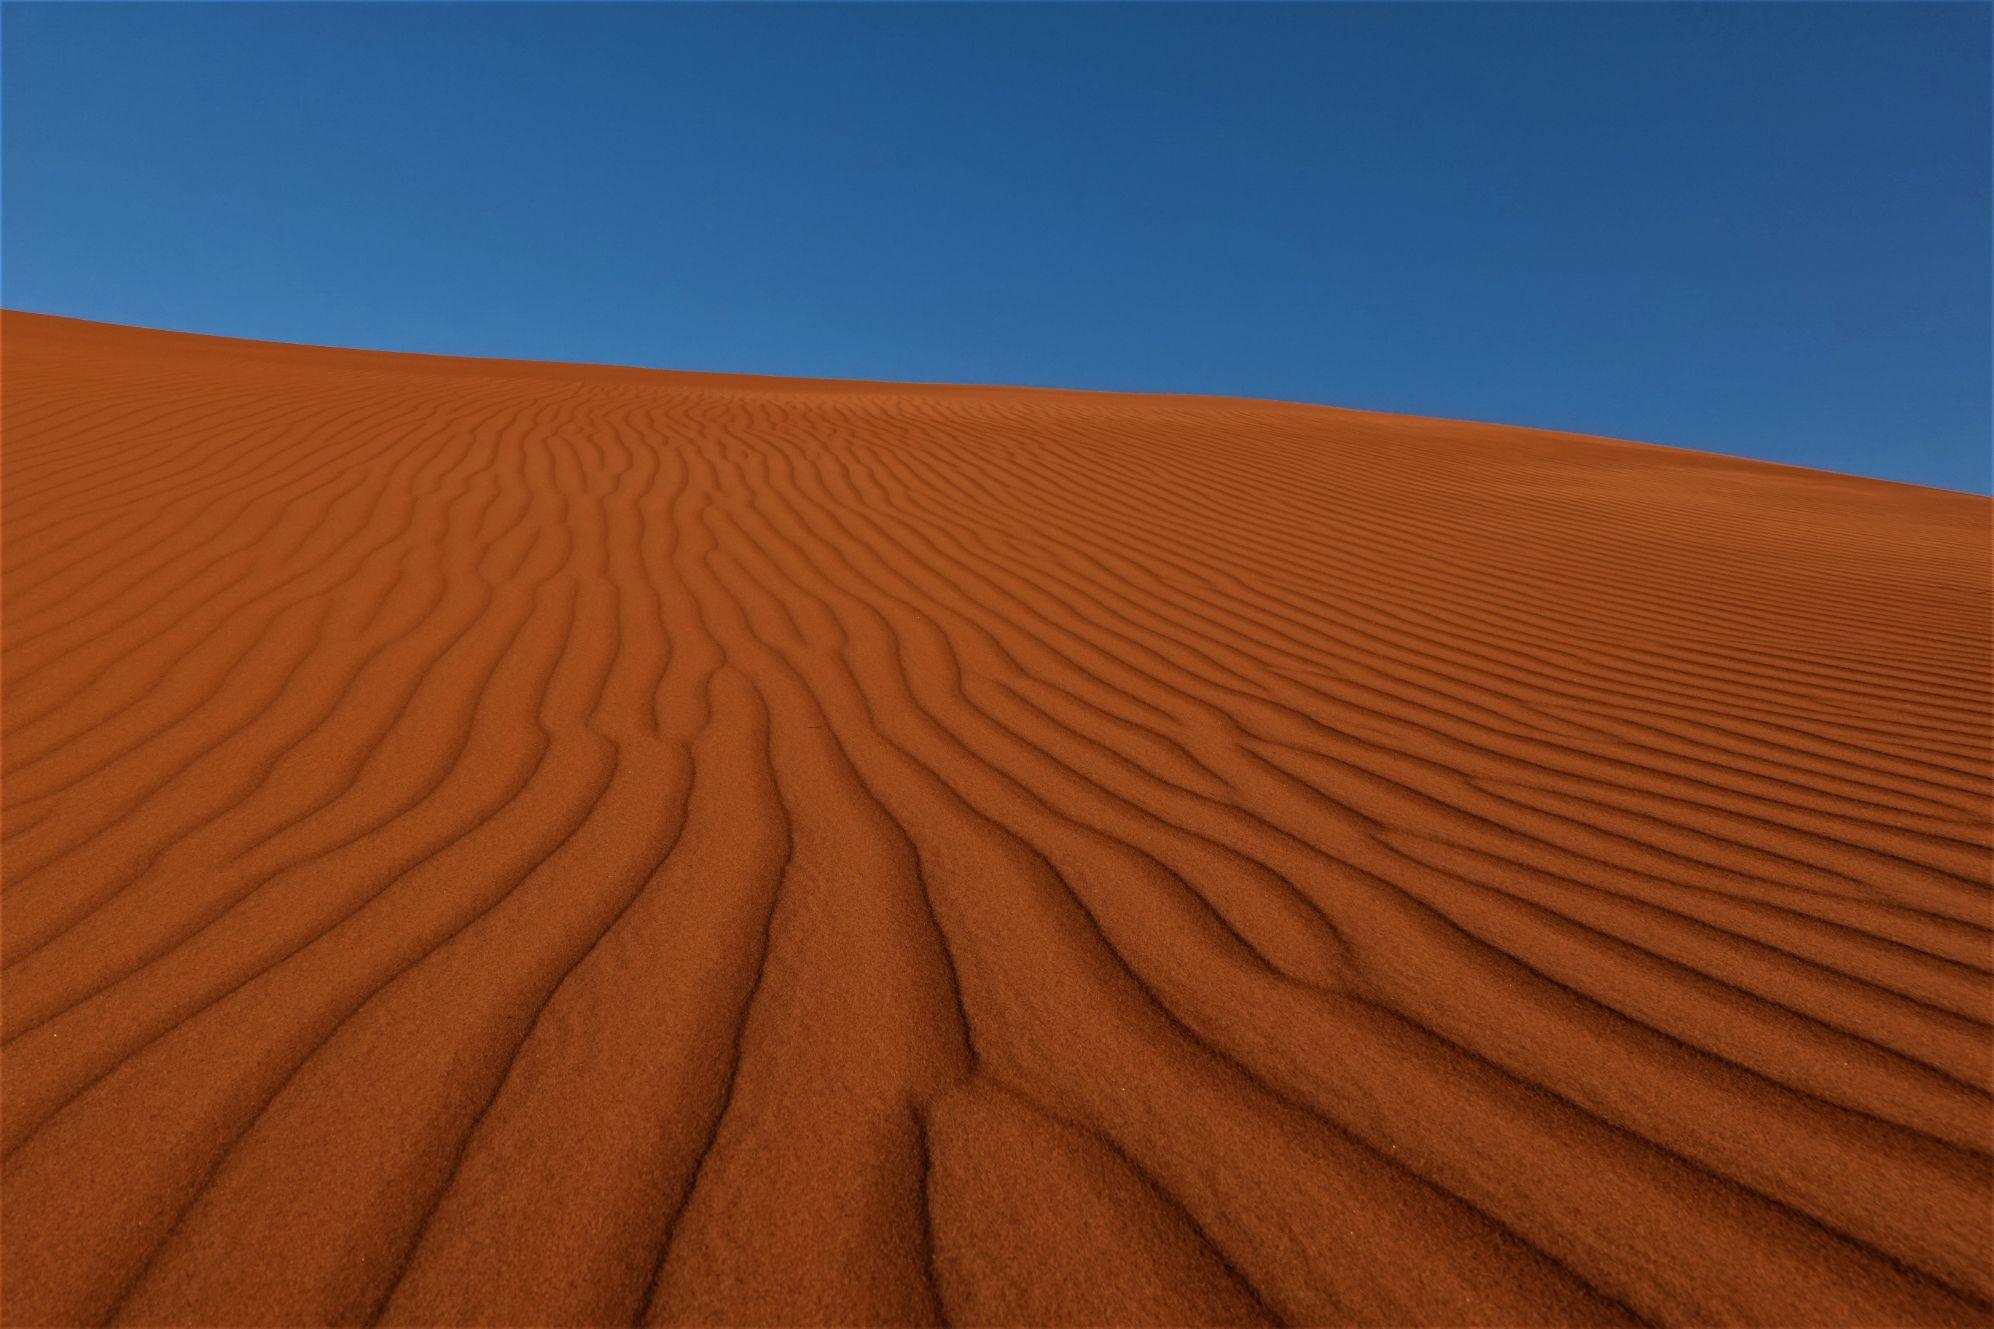 Struktury pouště Wahiba Sands